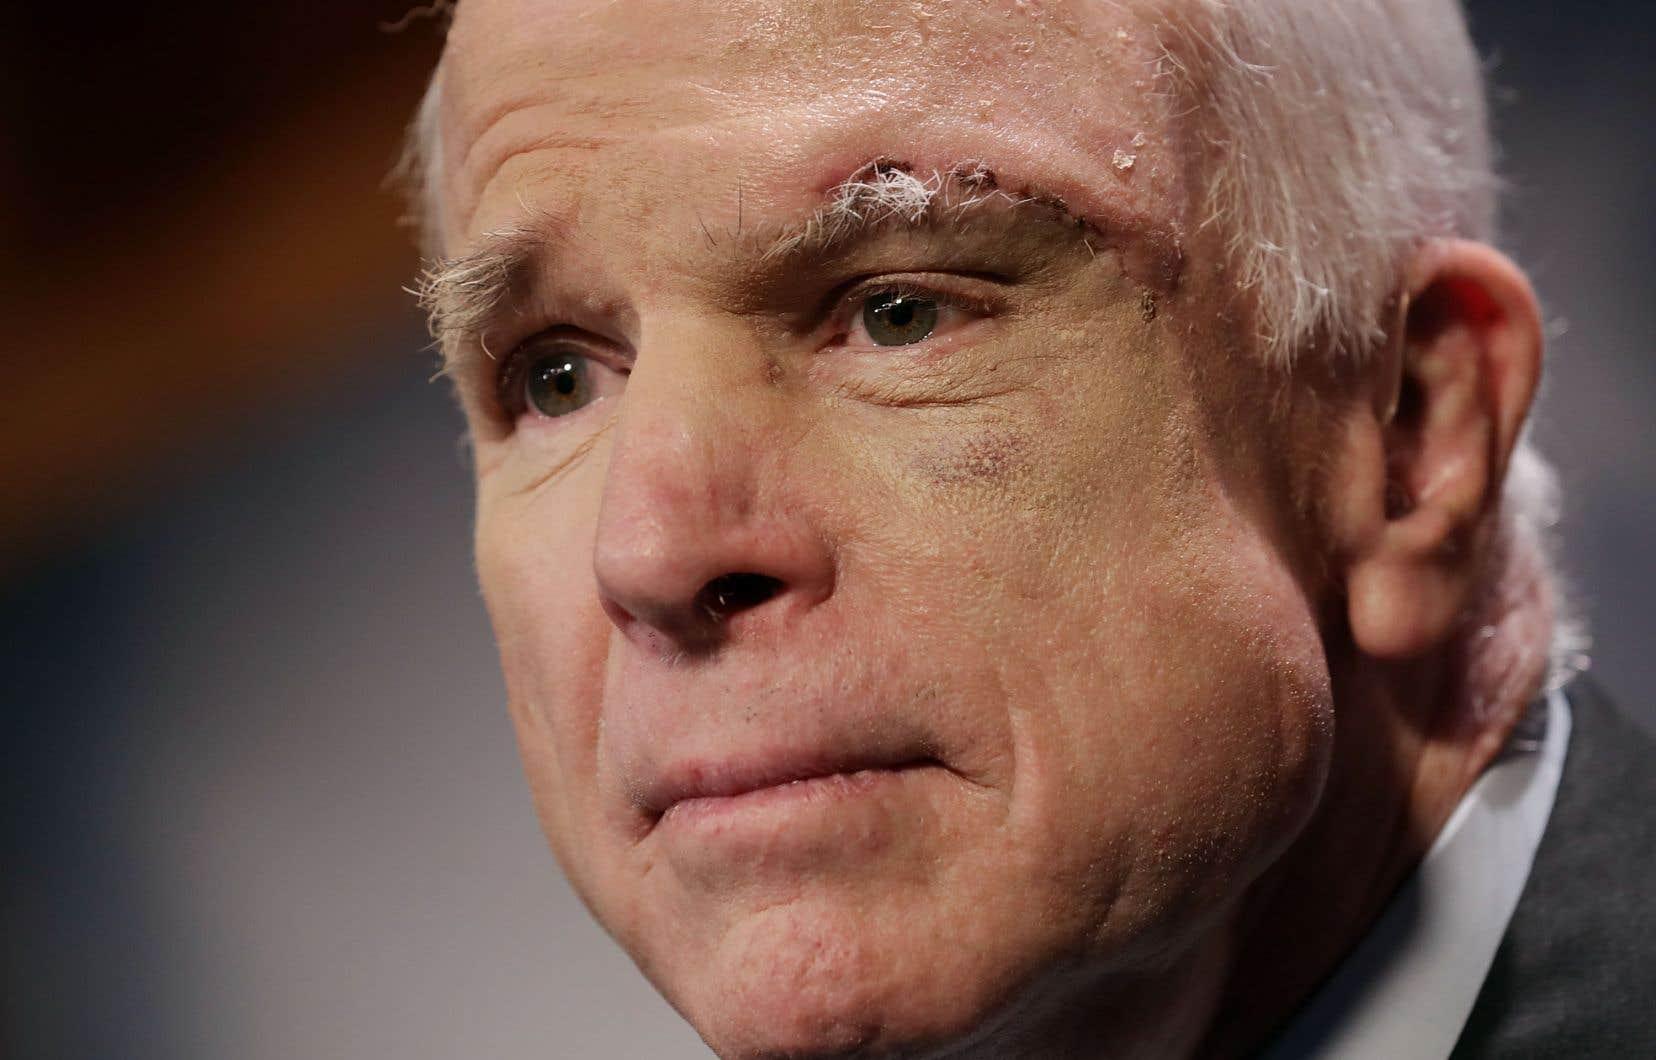 Le sénateur républicain John McCain, 81 ans, était soigné depuis juillet 2017 pour un glioblastome.